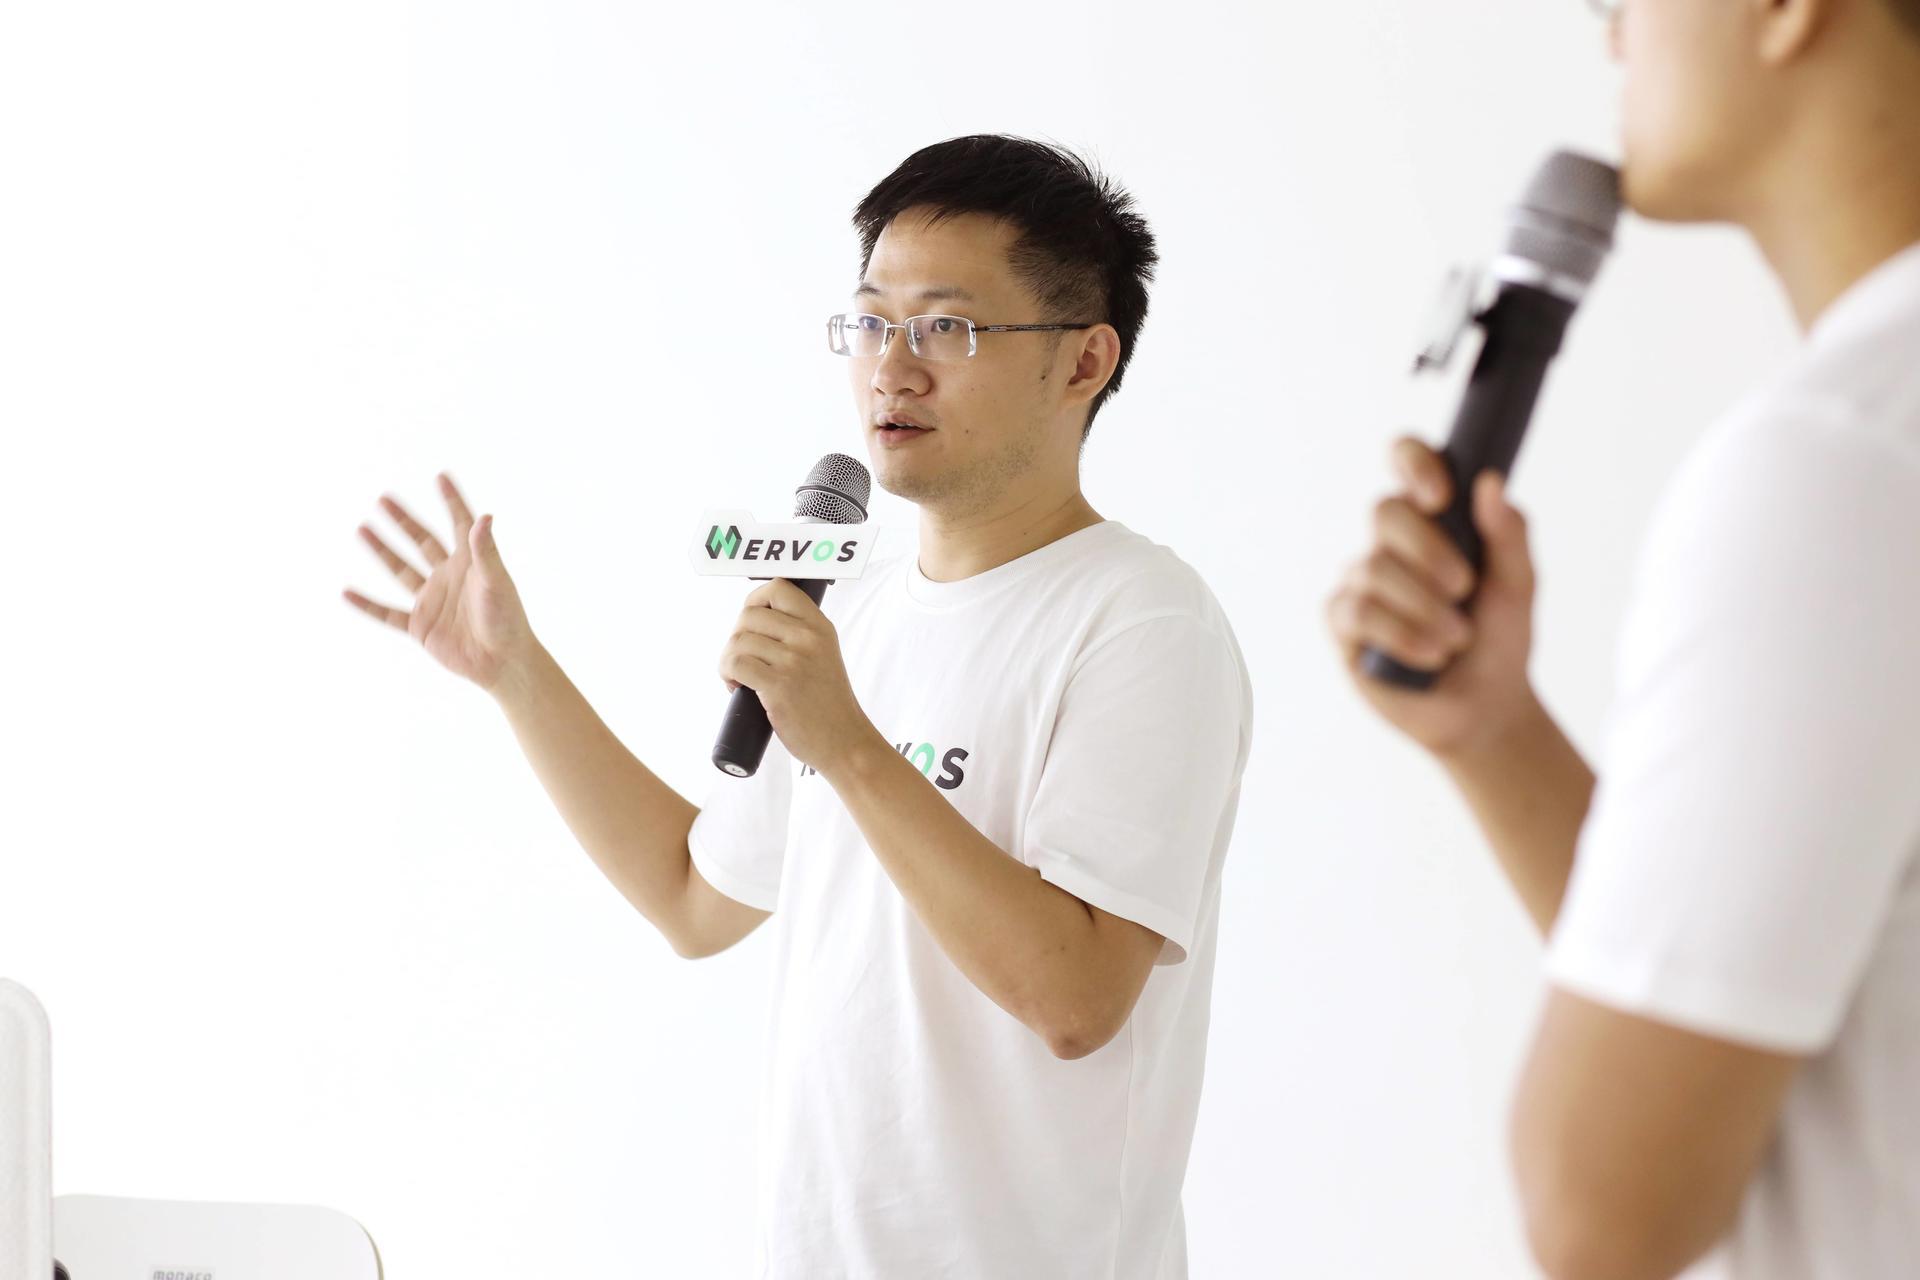 레이어드 네트워크 플랫폼 프로젝트 널보스 (Nervos), 서울 밋업 성황리에 마쳐